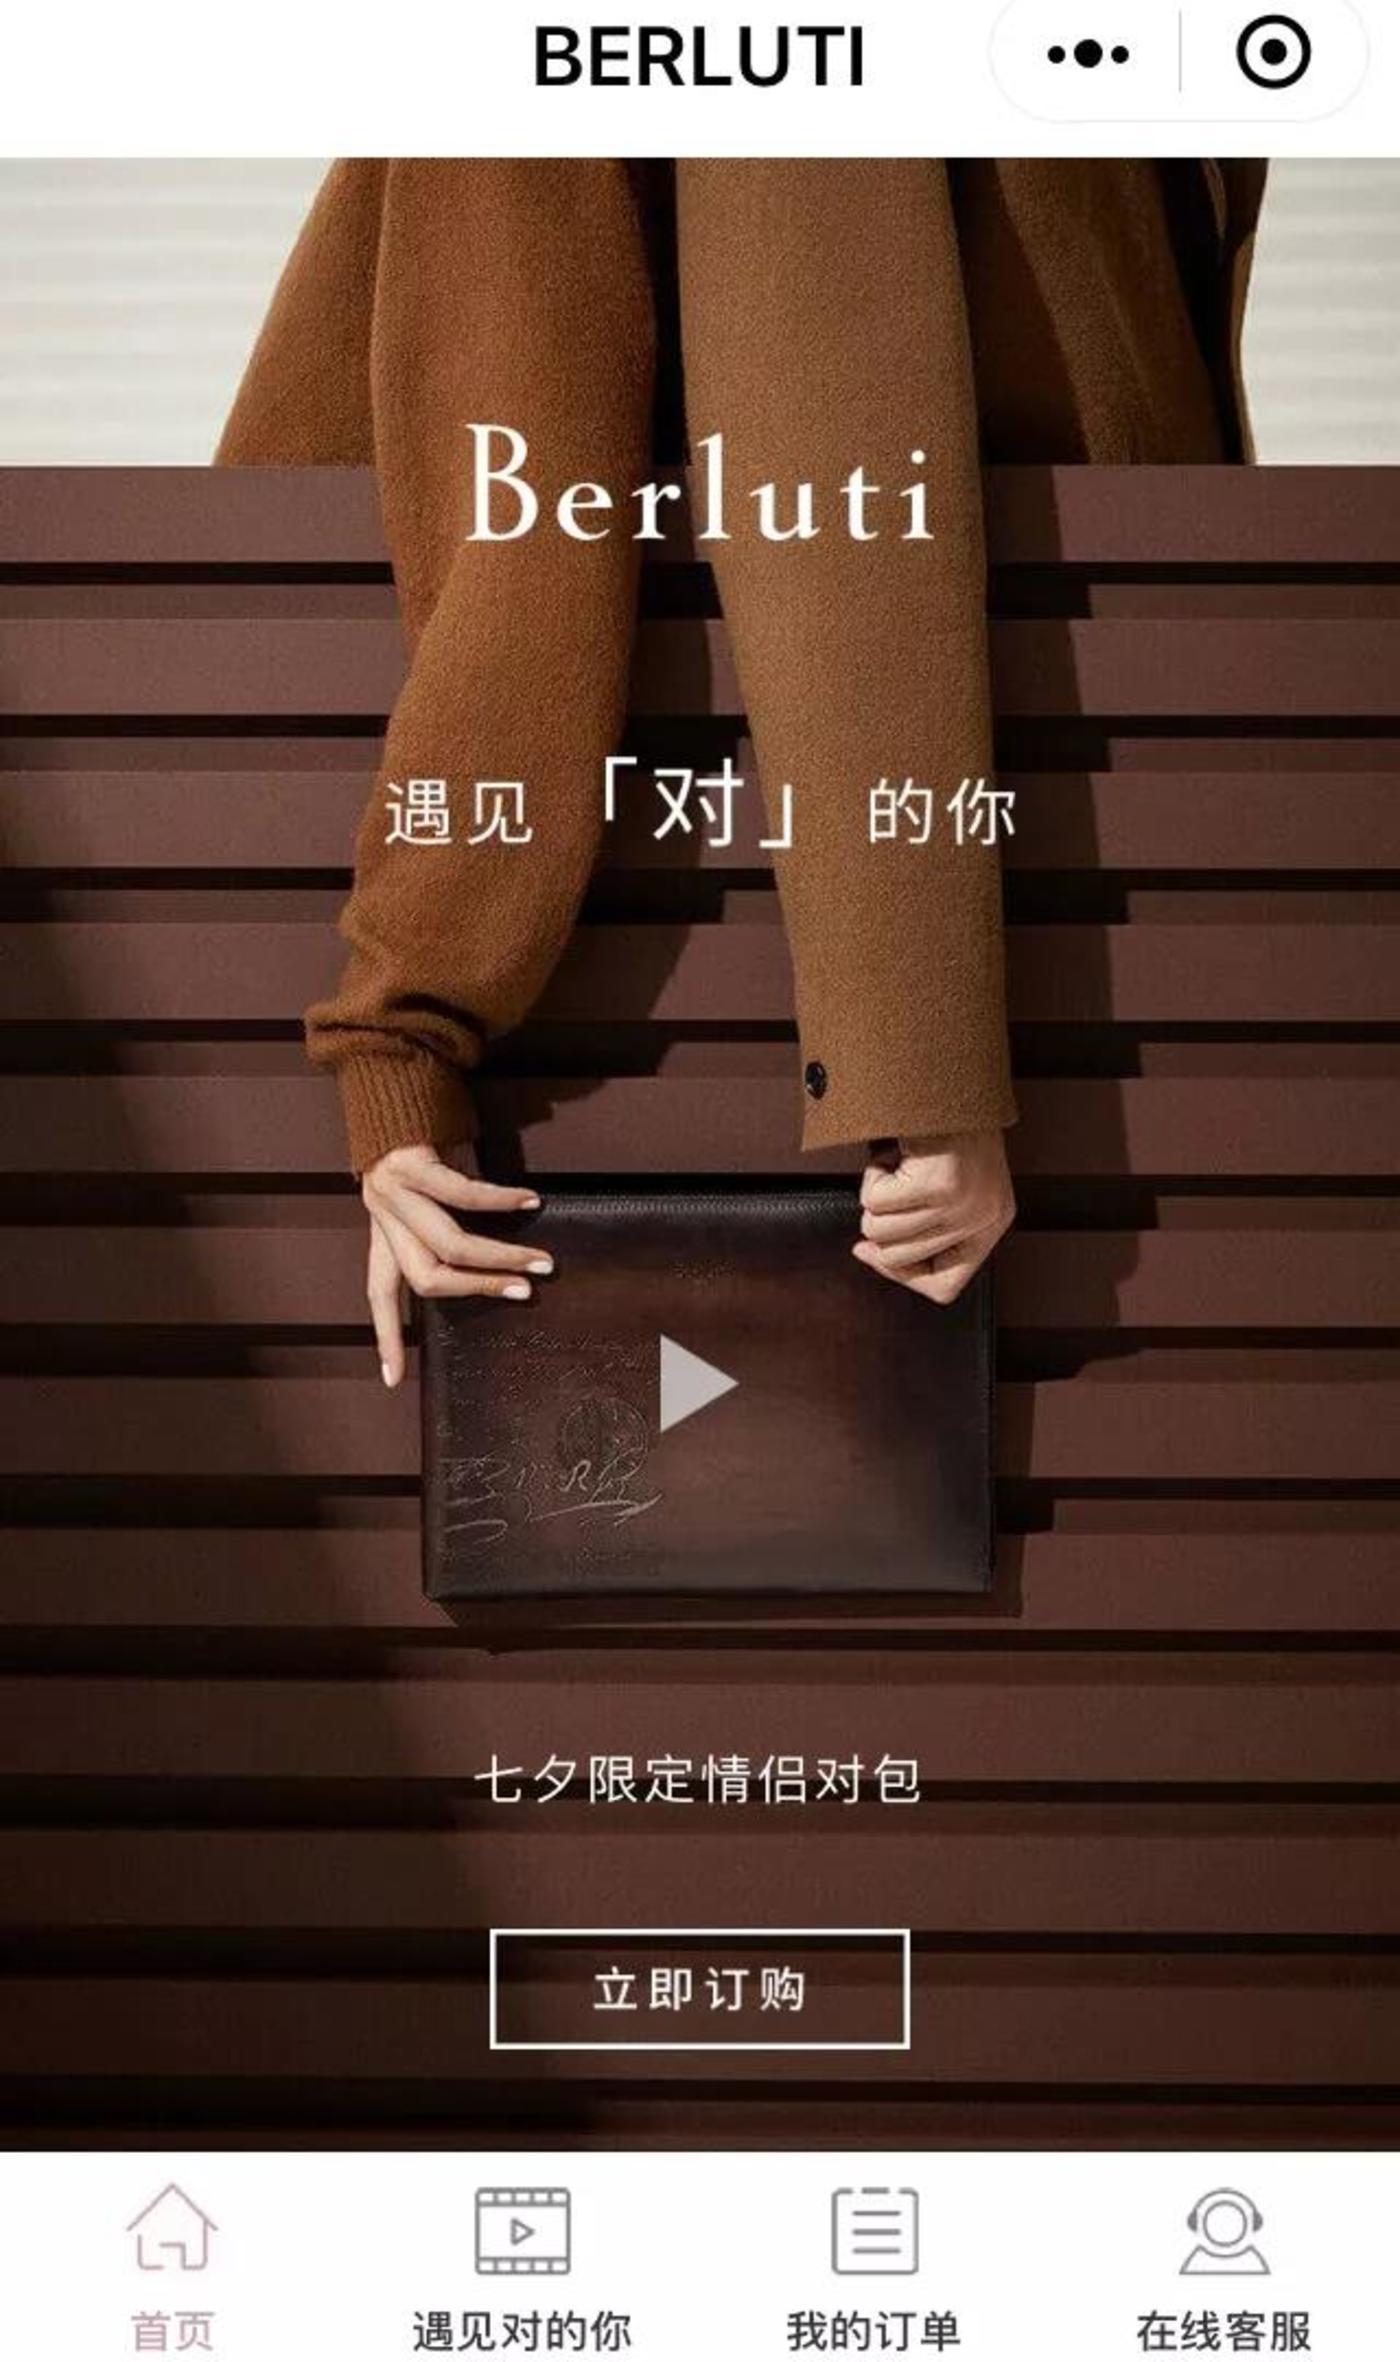 以往较为保守的奢侈品牌Berluti也开始试水七夕小程序电商,背后是LVMH对微信的积极态度